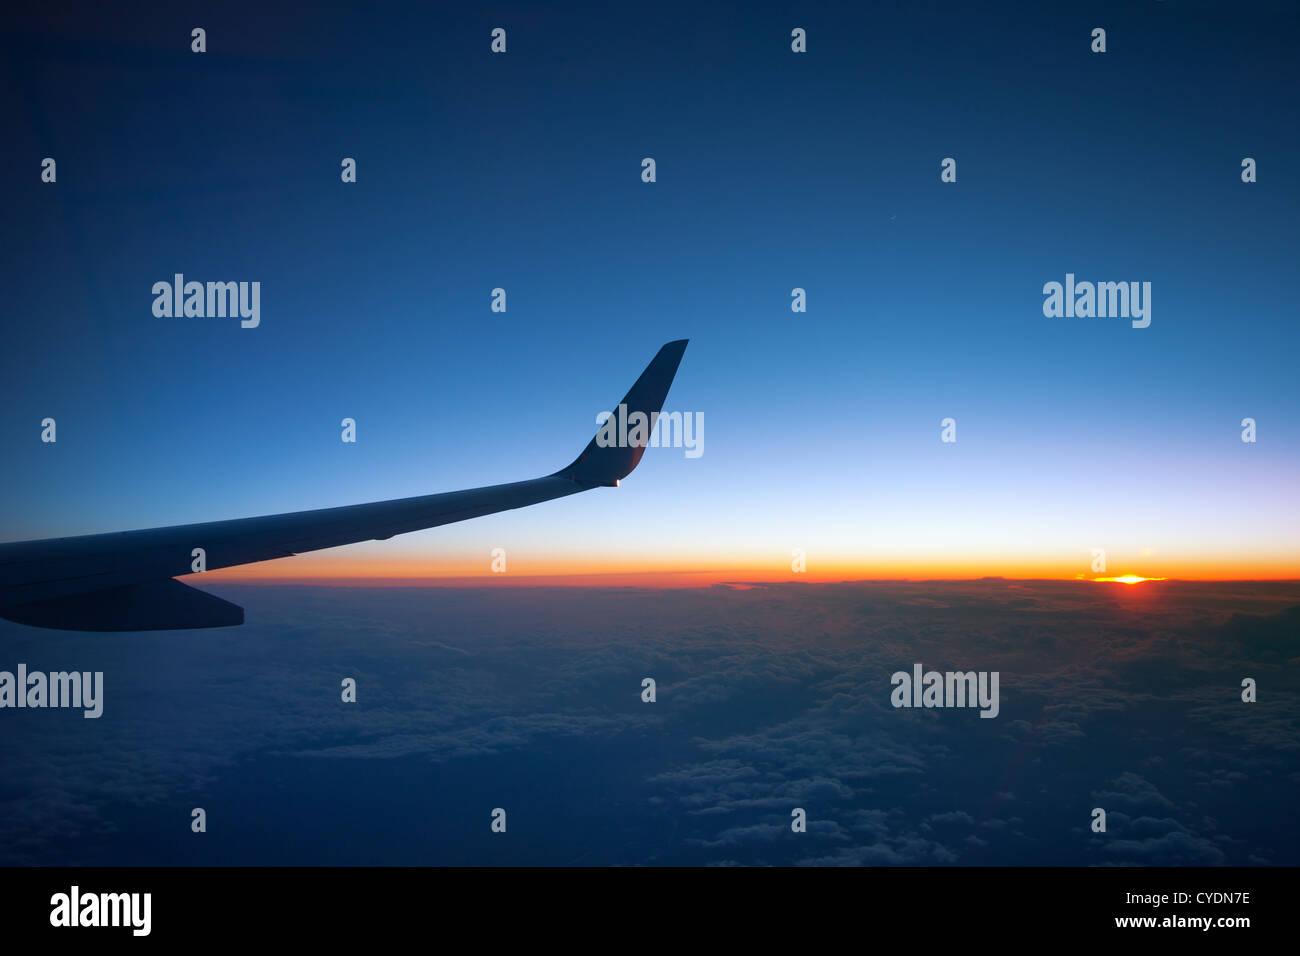 Por encima de las nubes - Sunset con ala de avión Imagen De Stock